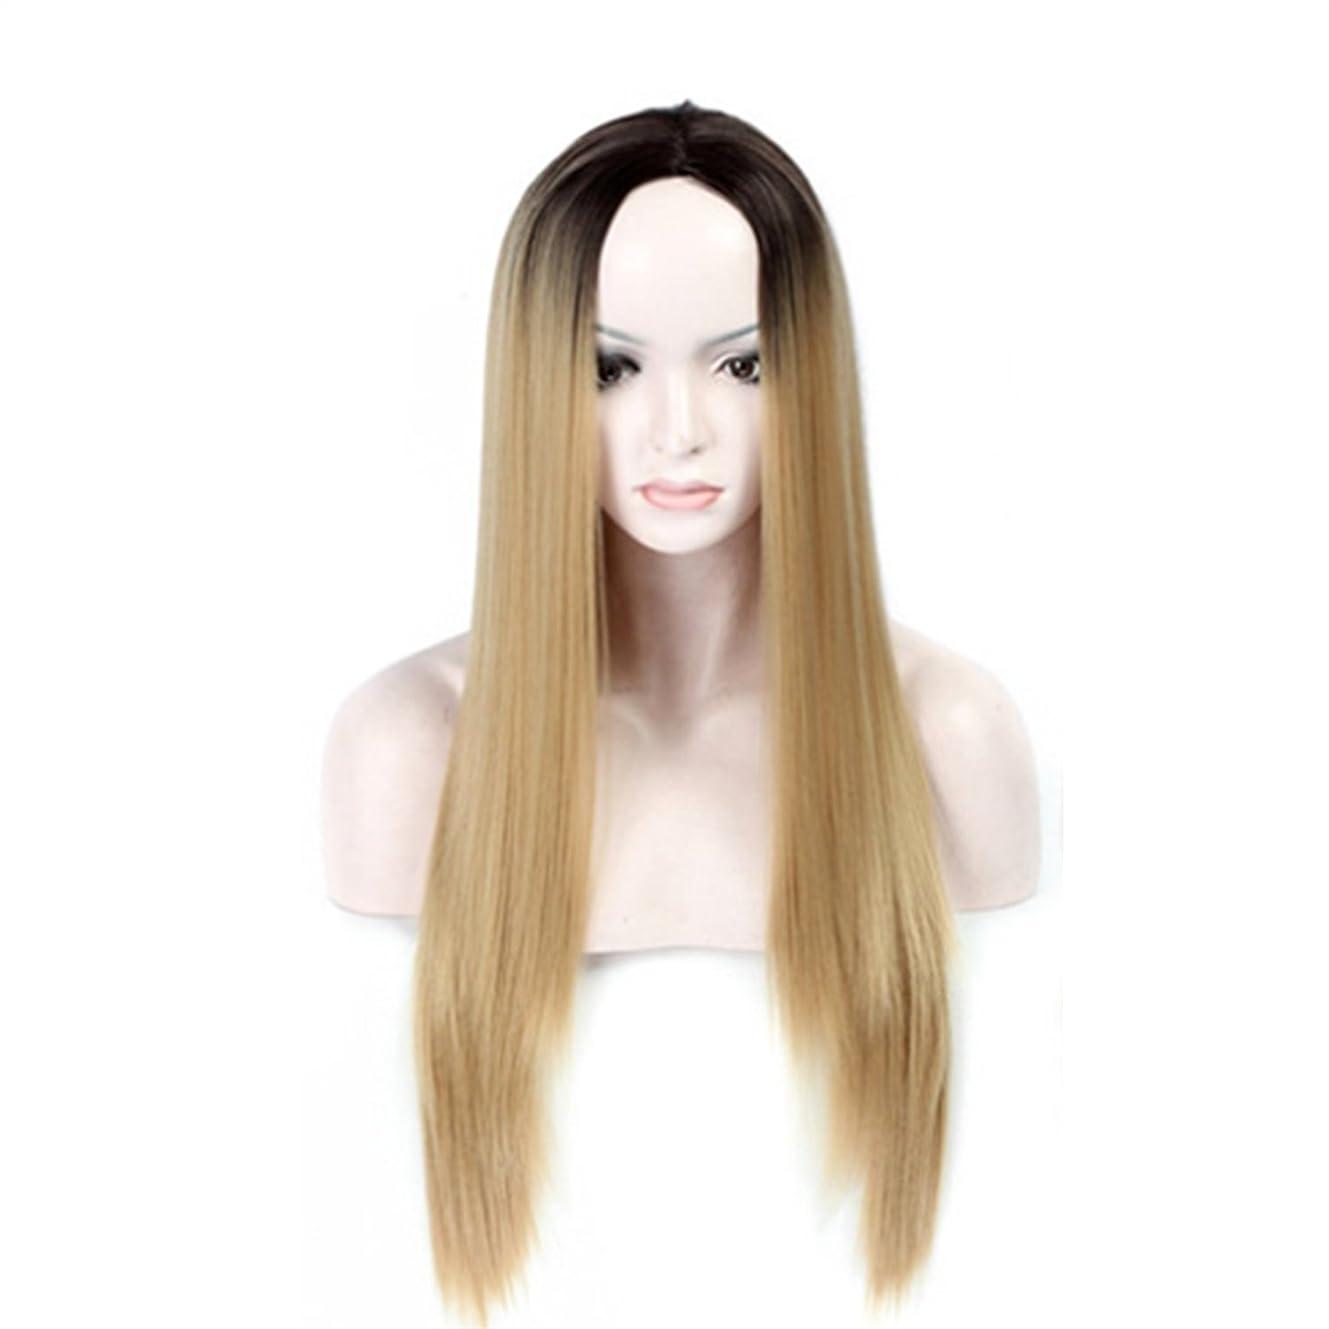 ブレーキ右既婚BOBIDYEE 68センチメートル長さストレートかつらは女性の合成髪のレースのかつらロールプレイングかつらの正方形の形状を変更するために使用できるライトブラウンの髪です。 (色 : ゴールド)